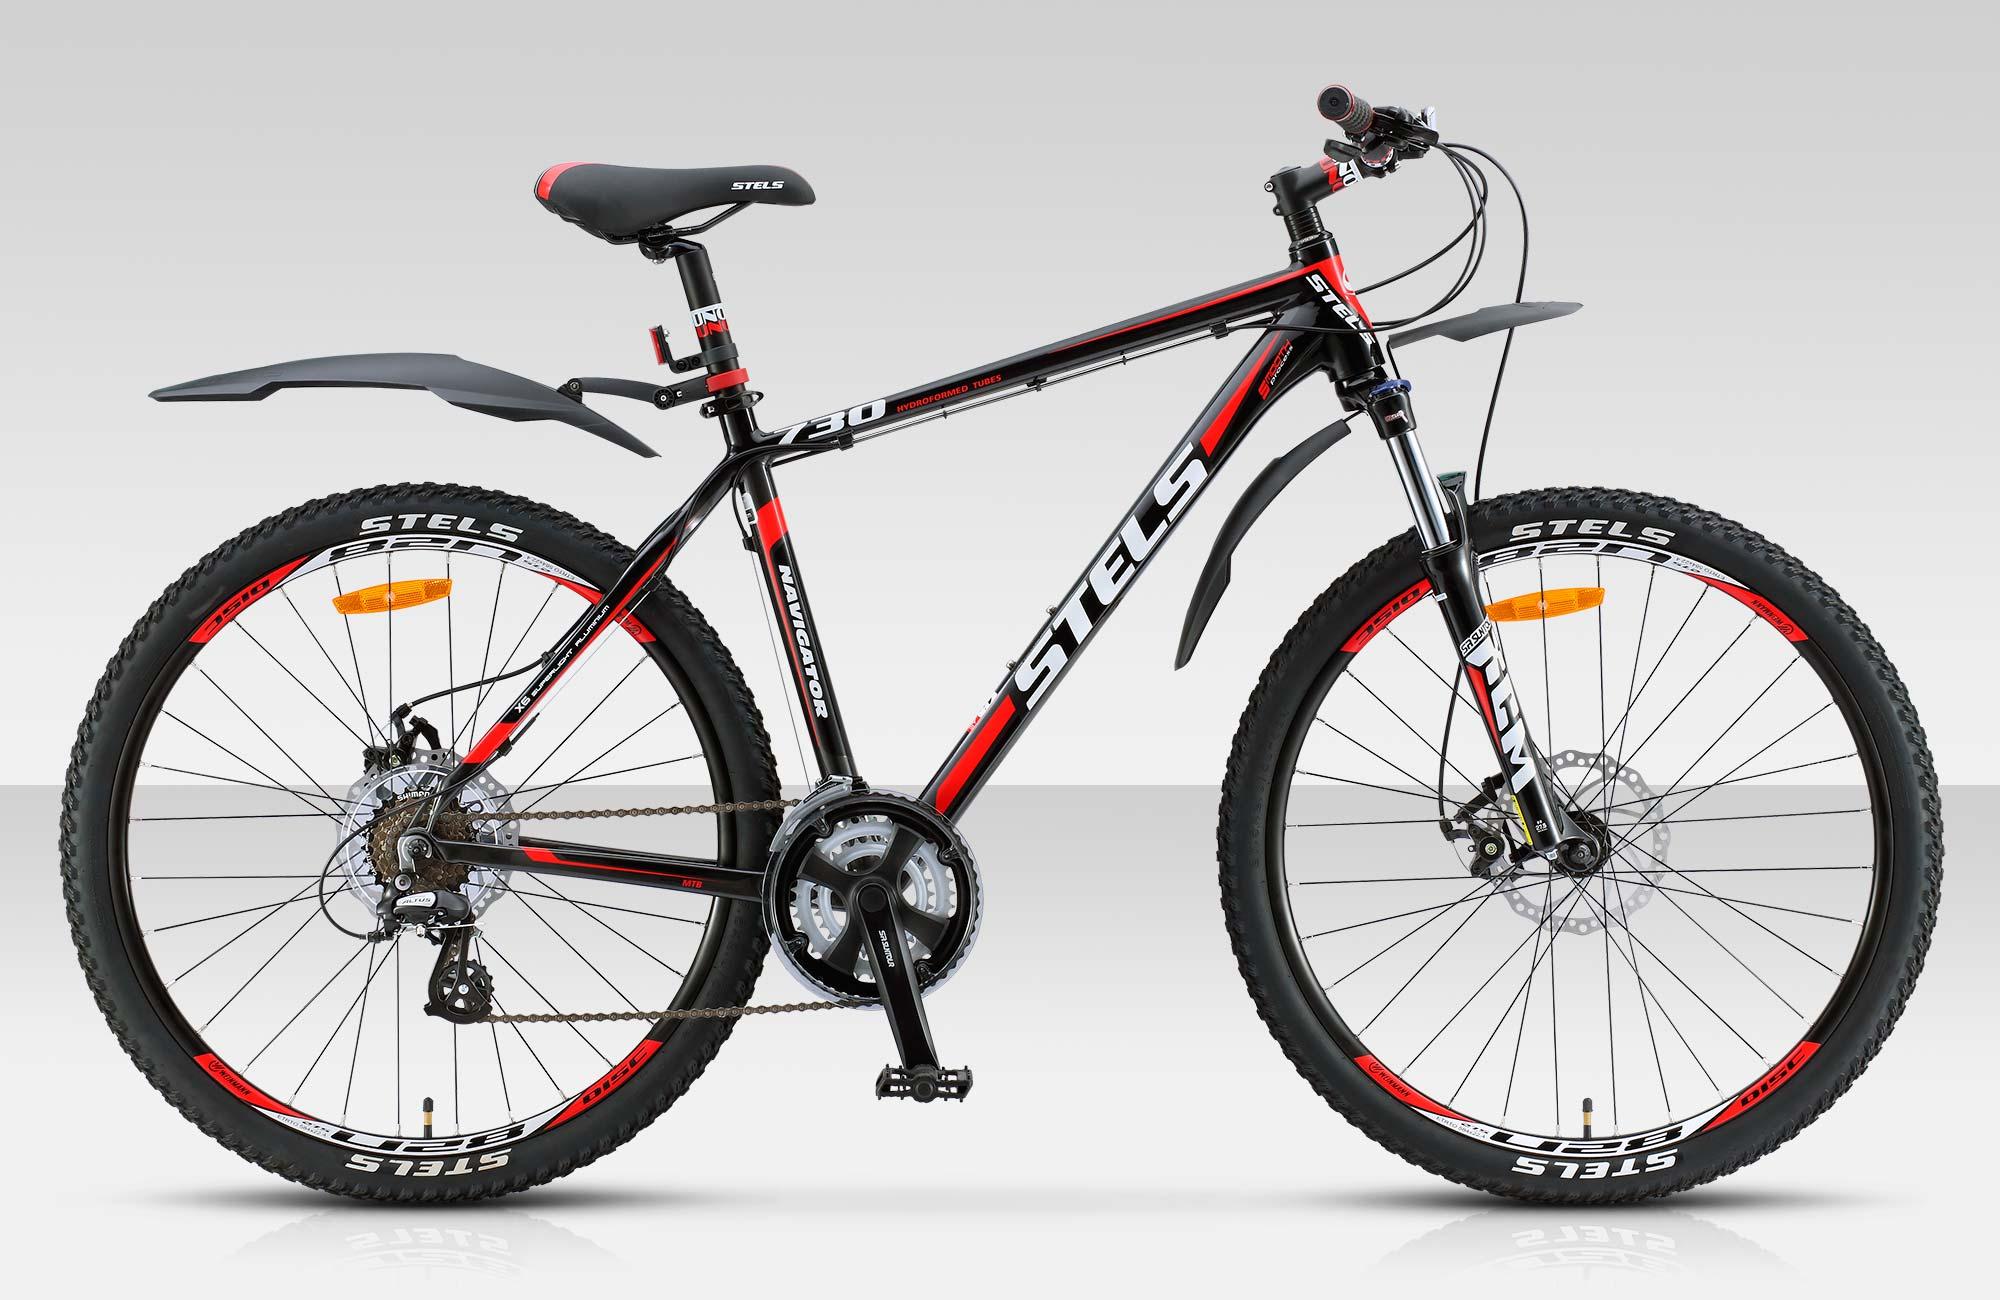 Велосипед Stels Navigator-730 MD 27.5.14Велосипеды Stels<br>Горный велосипед Stels Navigator 730 MD 27.5 2015 года – отличный вариант для любителей кросс-кантри. Модель отличается превосходной управляемостью, стильным брутальным дизайном и высокой износостойкостью. Установлены вилка SR SUNTOUR XCM с ходом 100 мм,...<br>